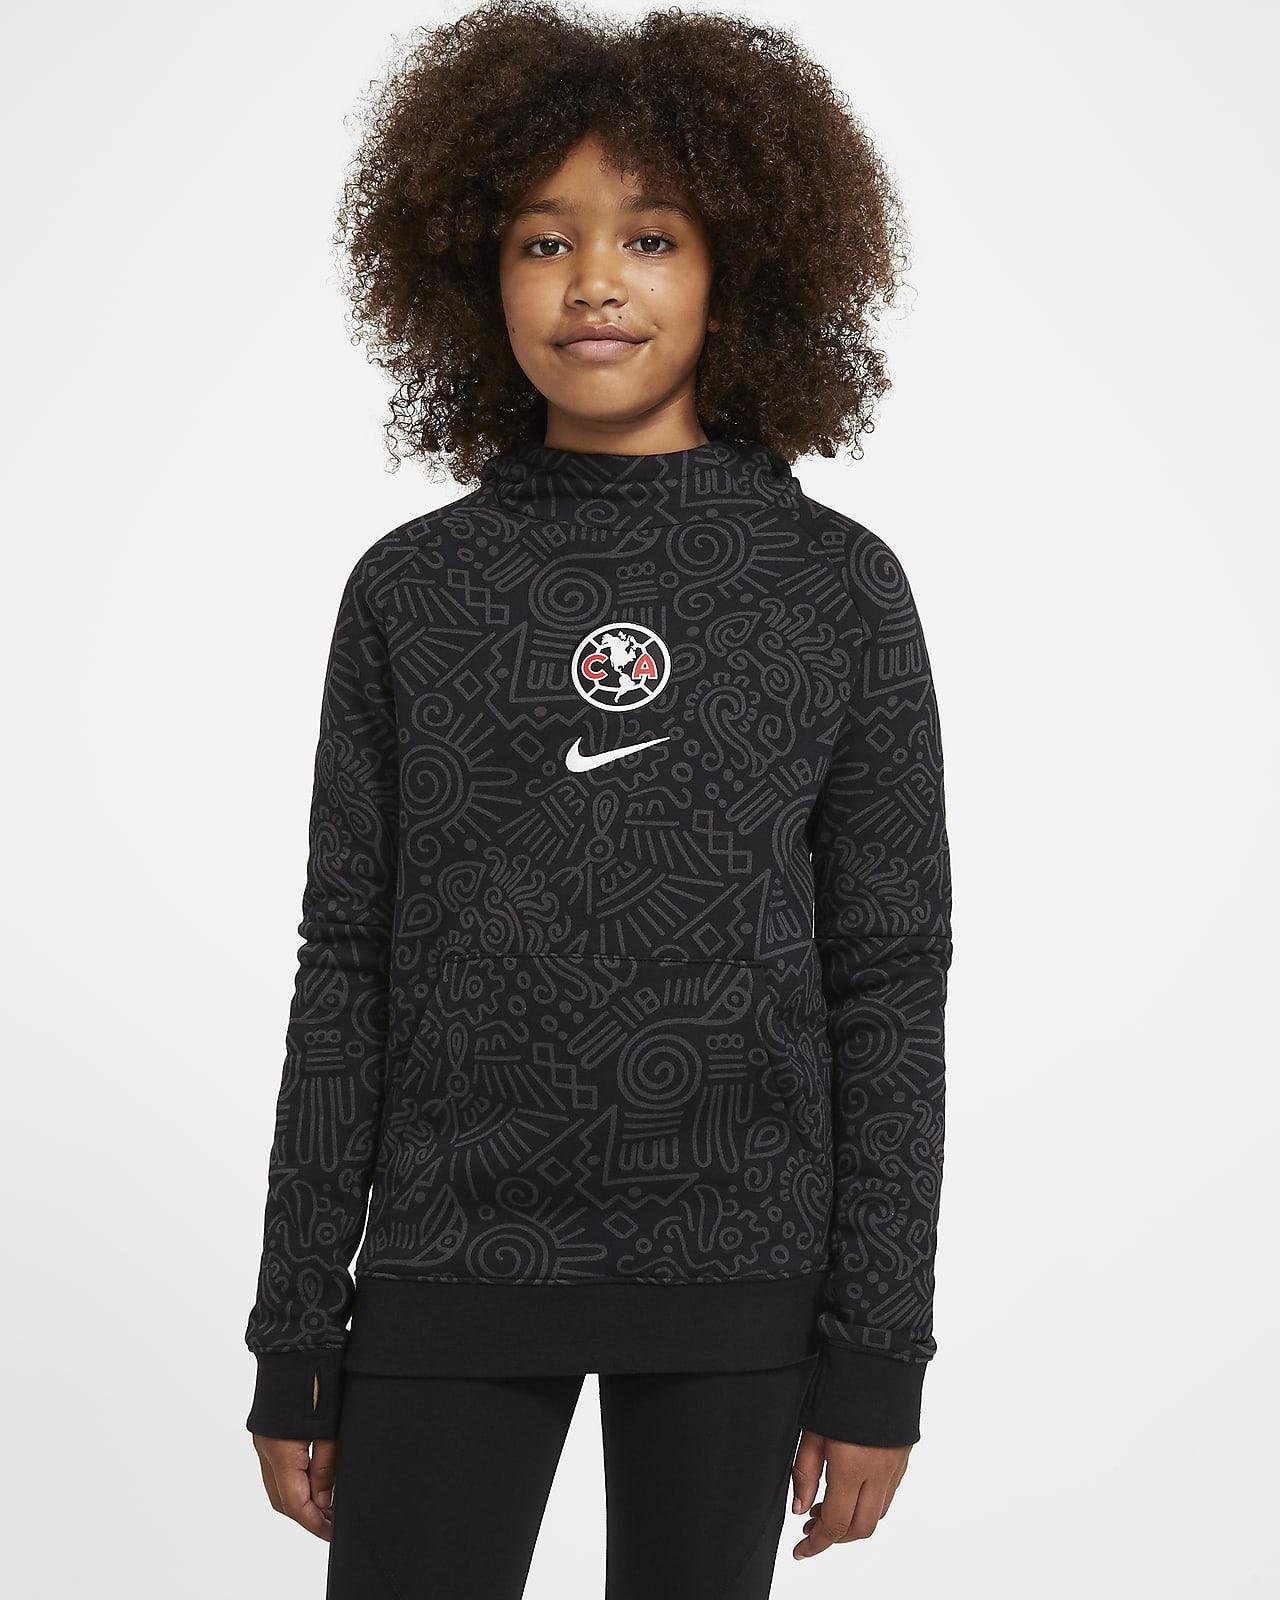 Hoodie pullover de futebol de lã cardada Club América Júnior